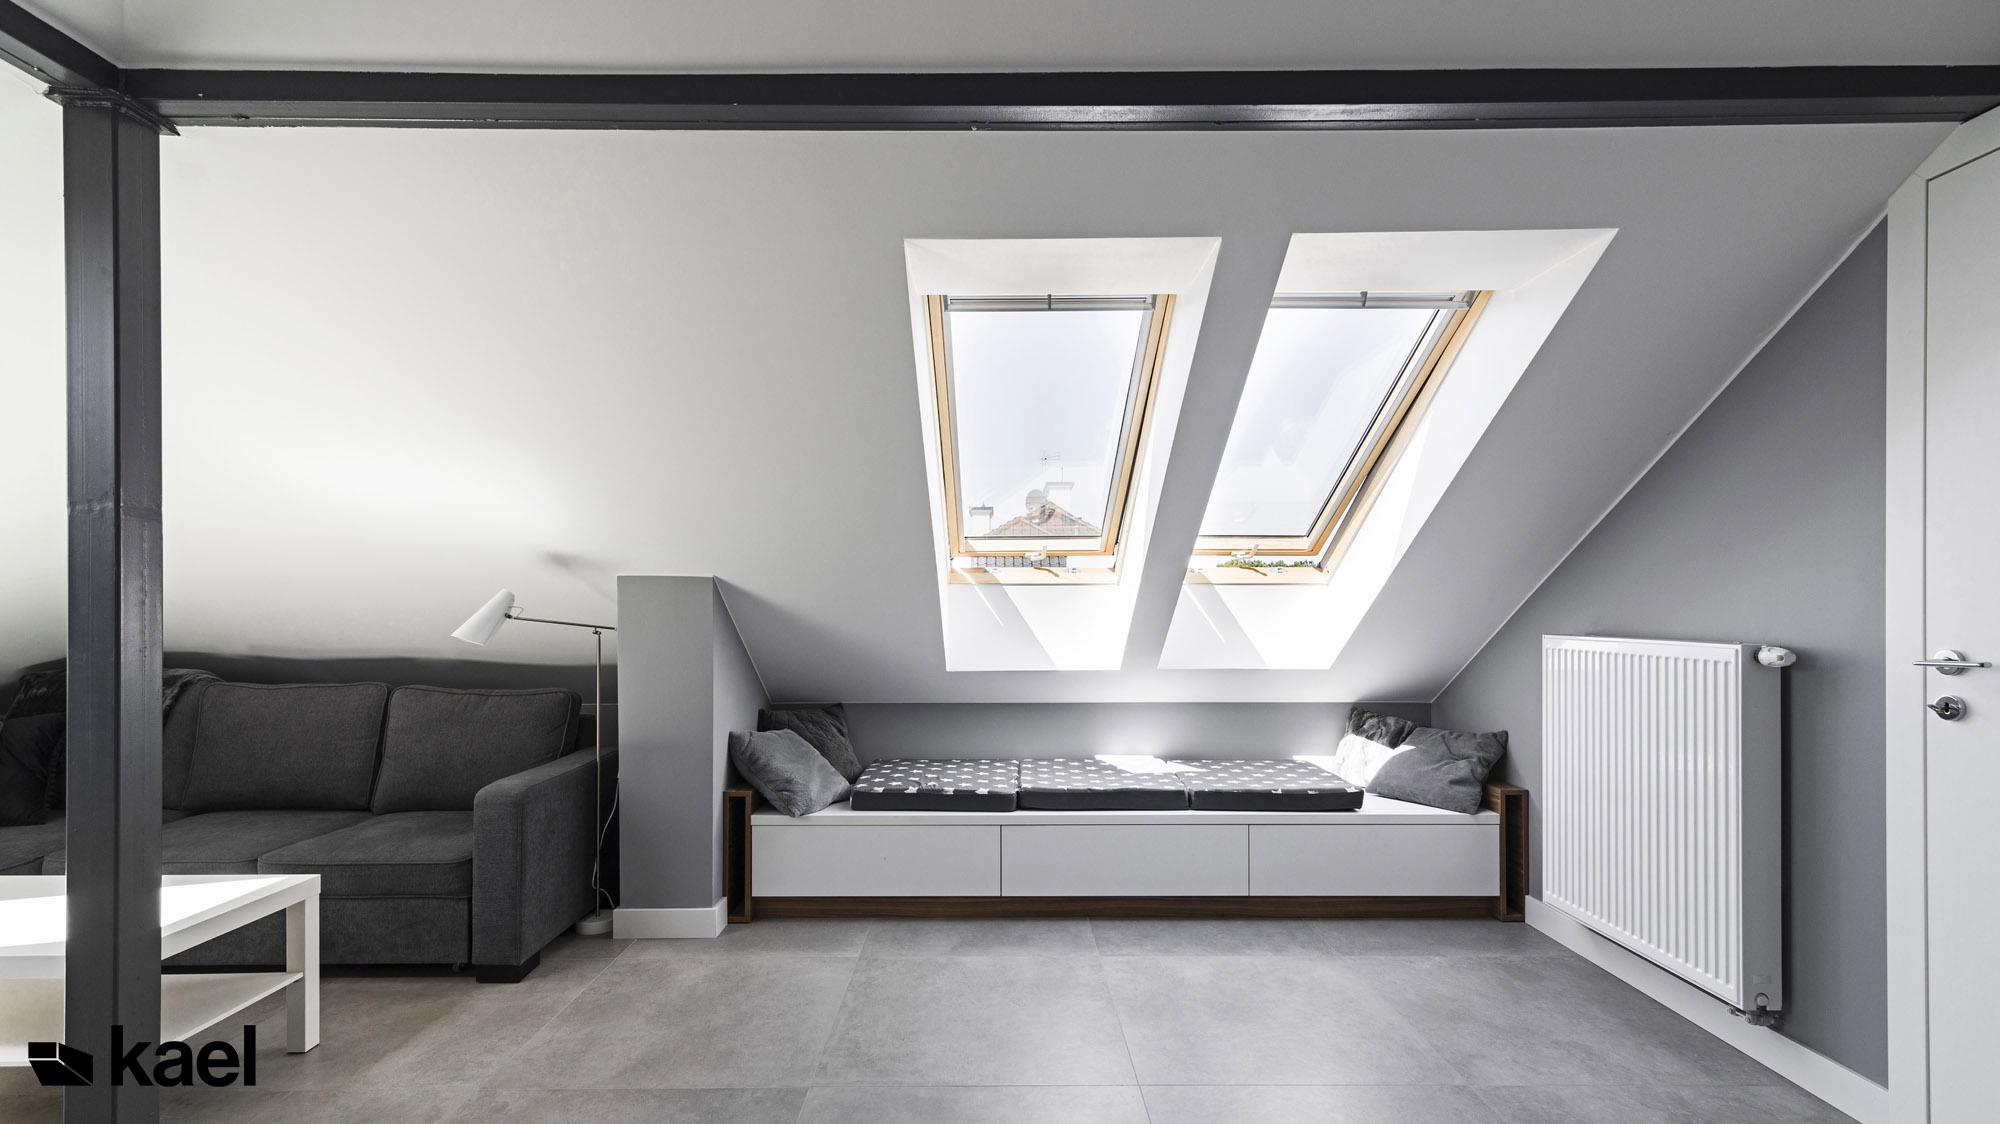 Salon na poddaszu - Czerwonych Dębów - projekt wnętrza domu jednorodzinnego